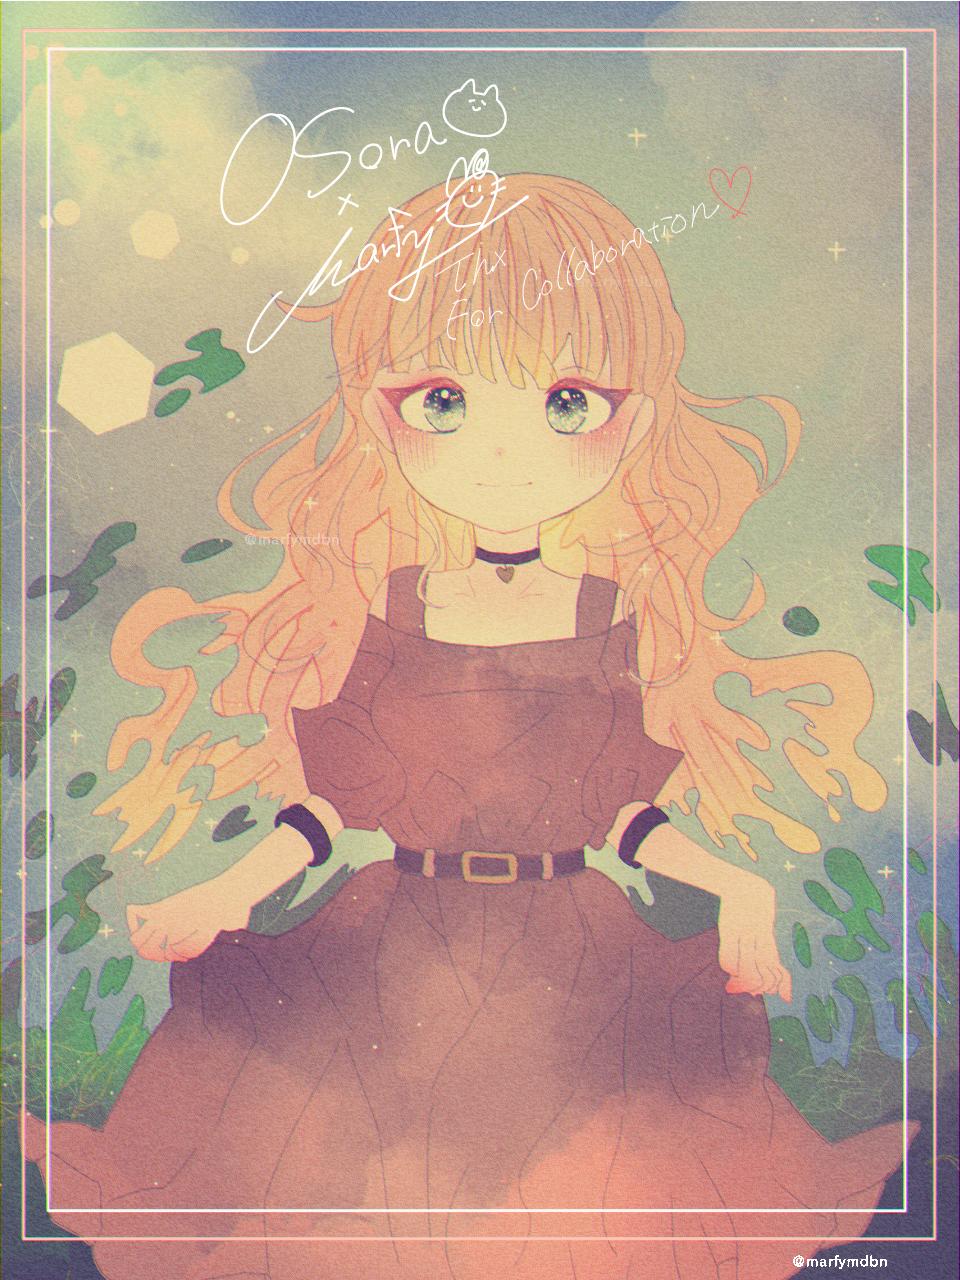 【Collab】OSora×Marfy Illust of Marfy collab girl Osora kawaii OSora